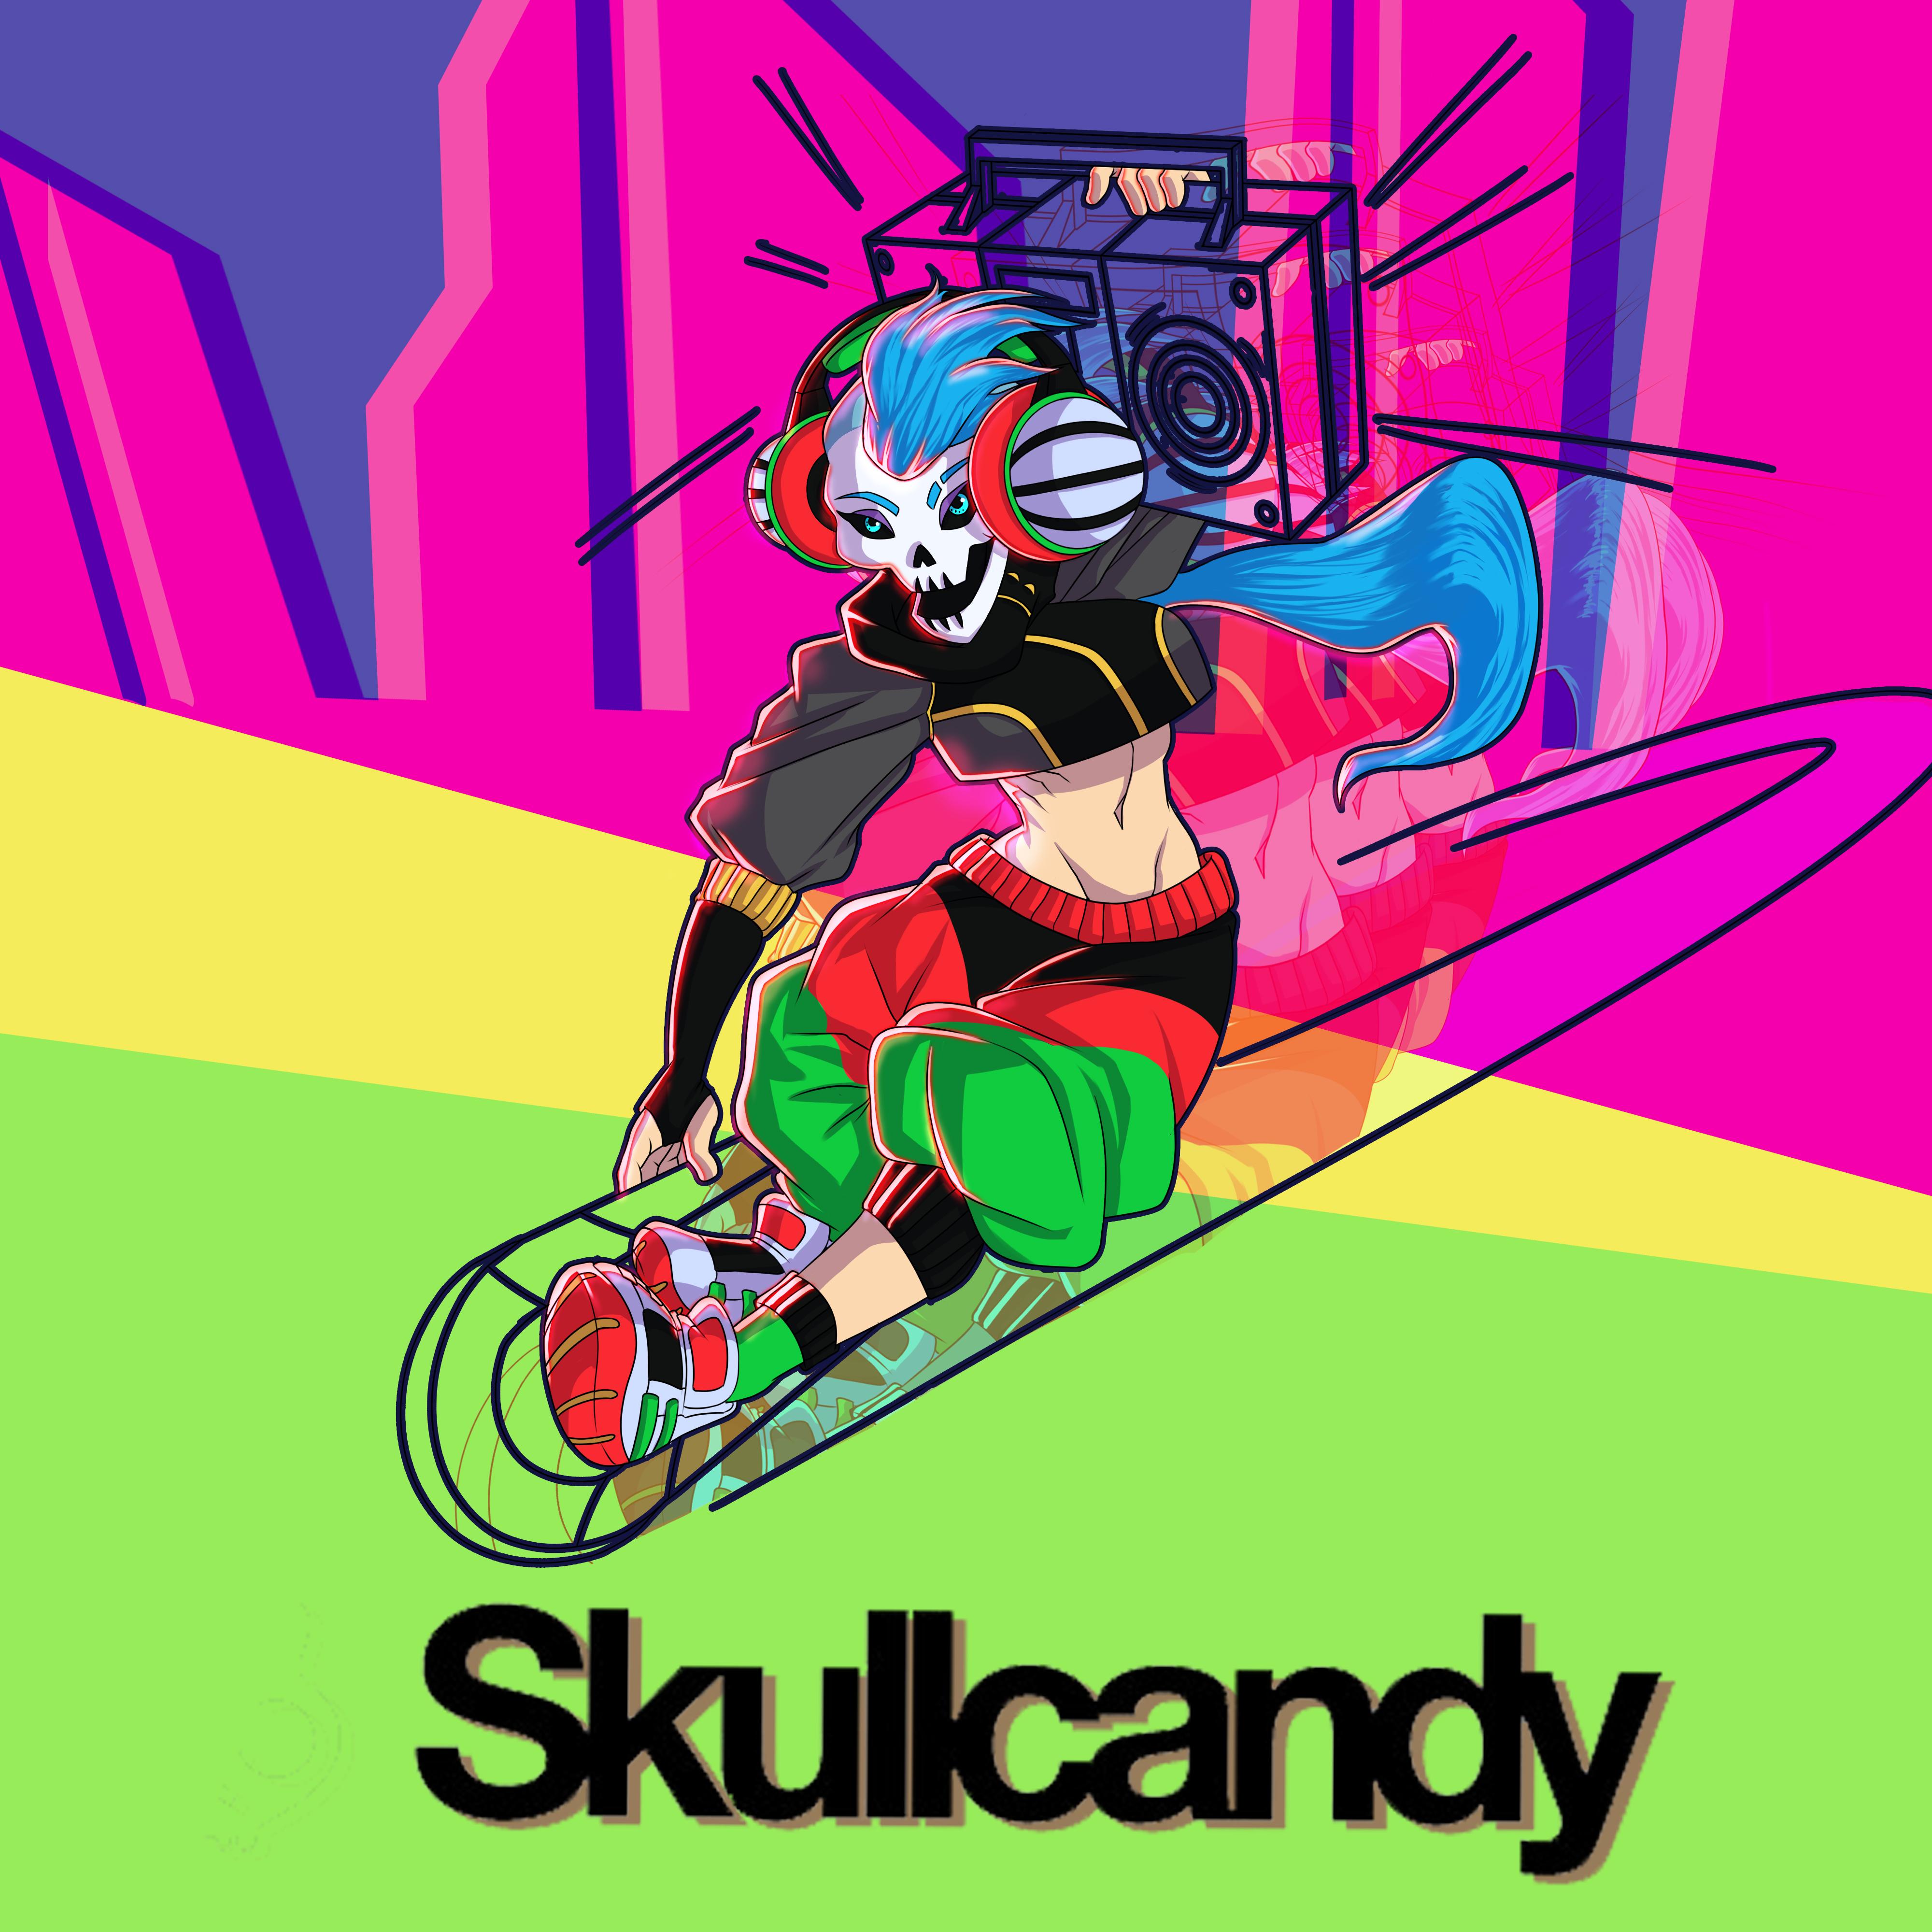 SkullDandy